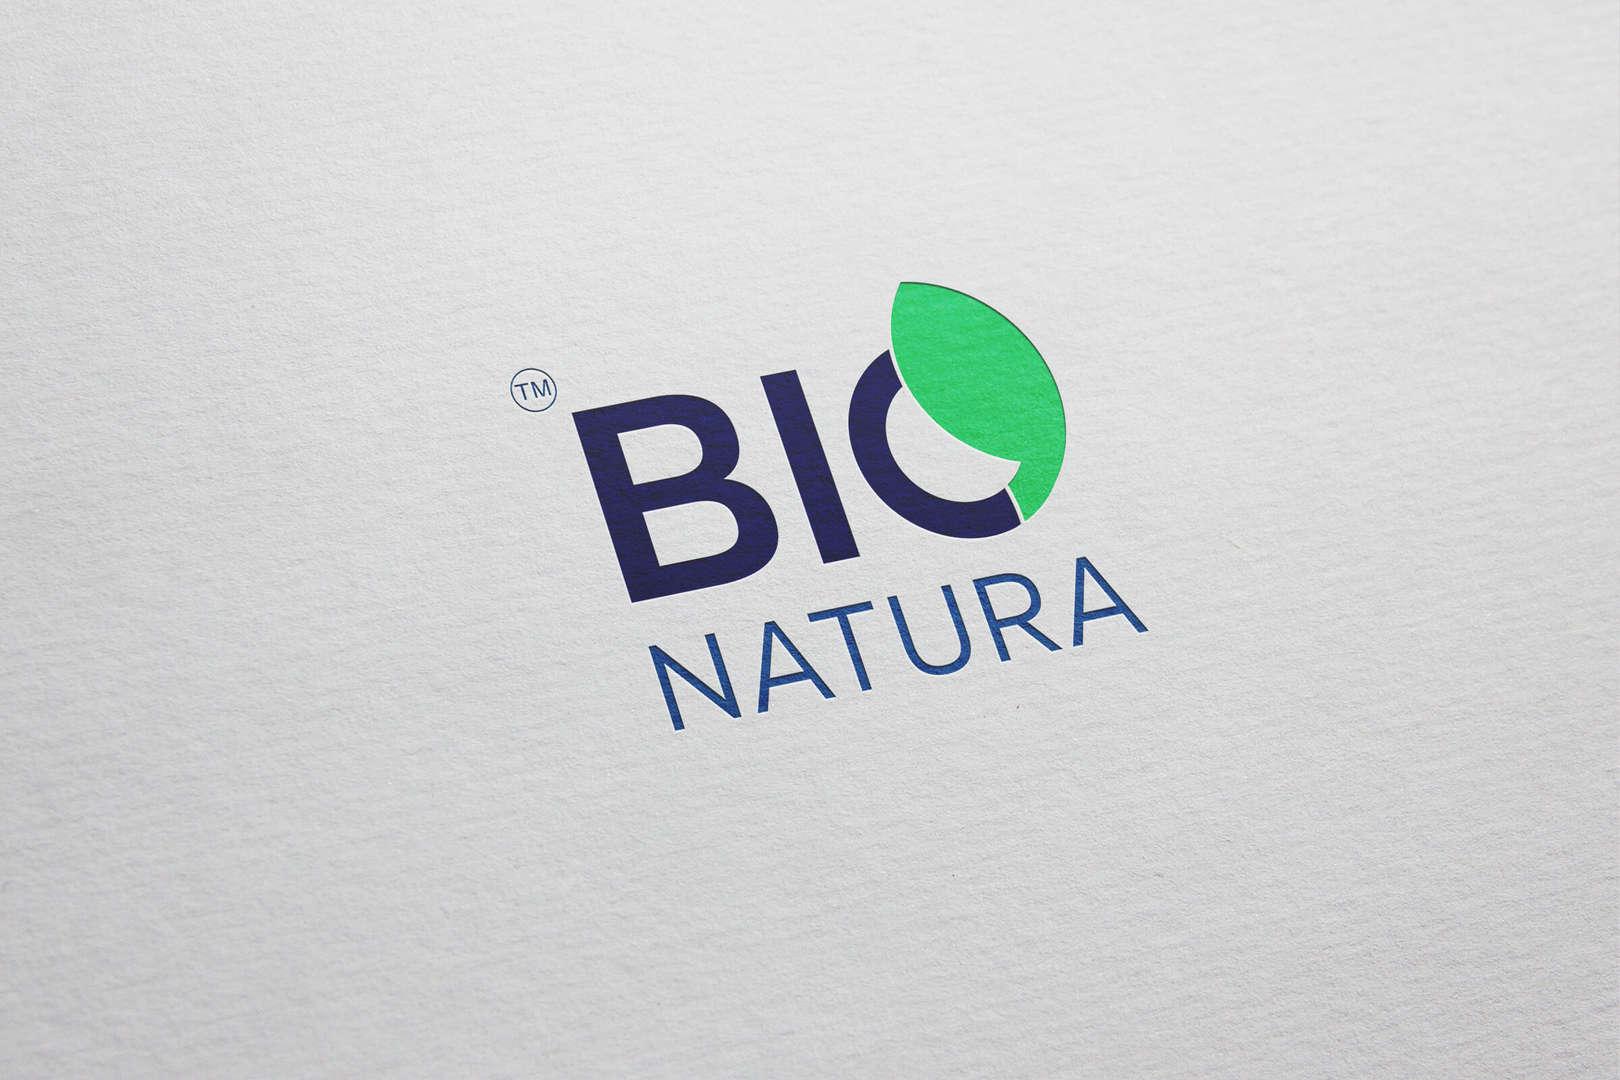 Decorative-paper-logo-mockup copy.jpg